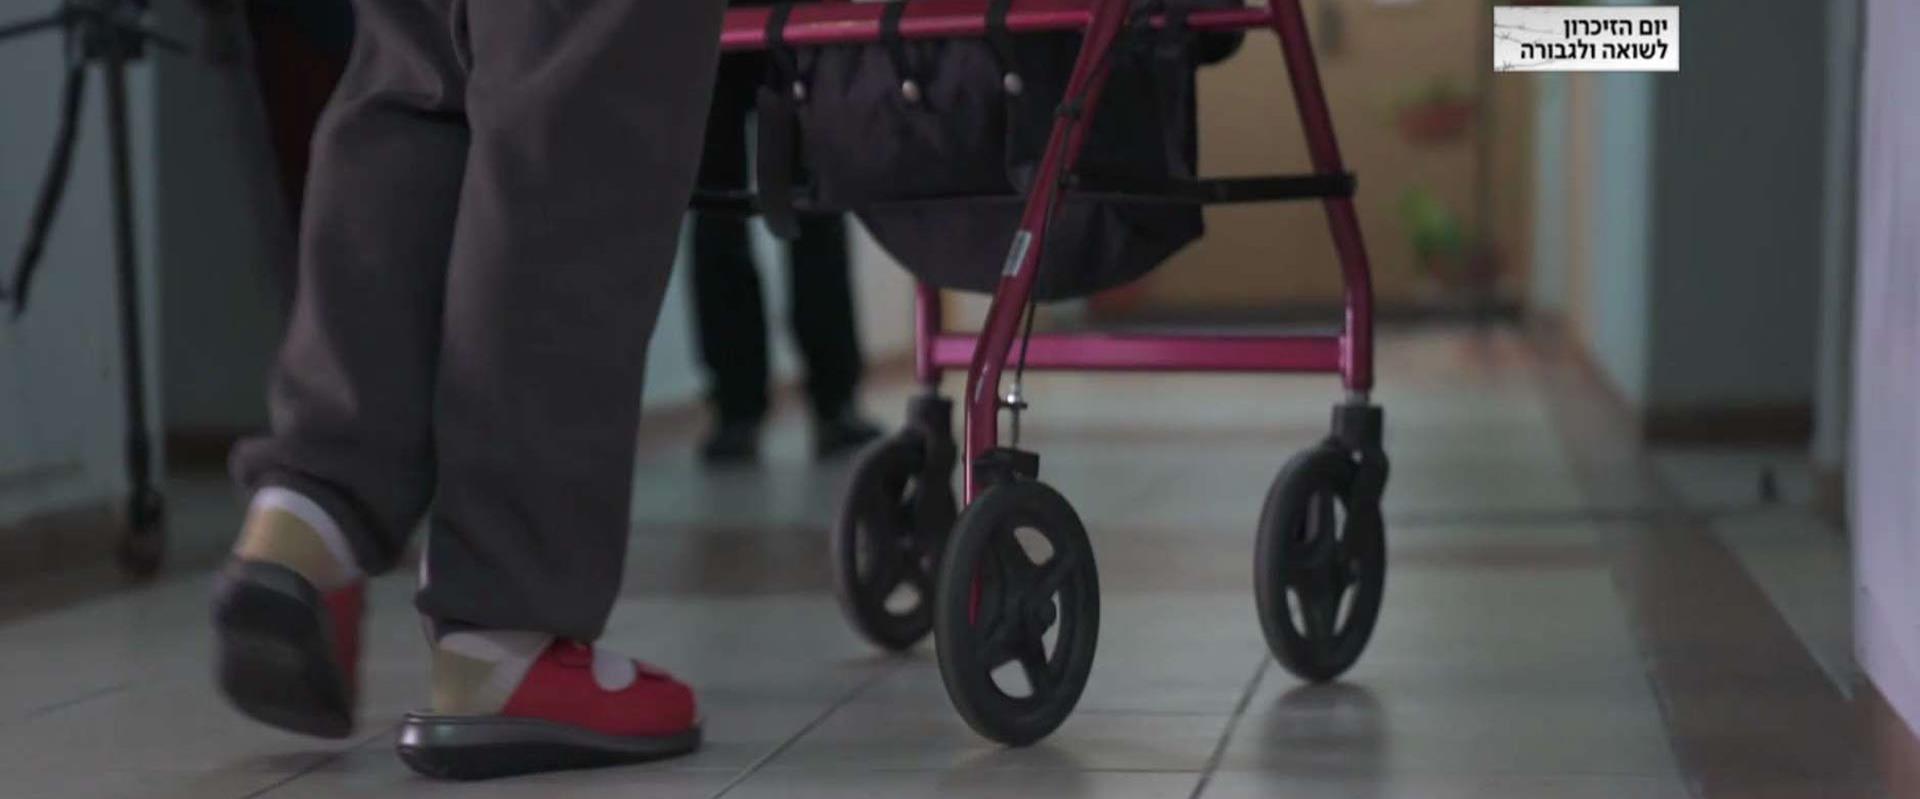 """""""ההורים שלי מבוהלים"""": מי דורש מקשישים כסף דווקא עכ"""